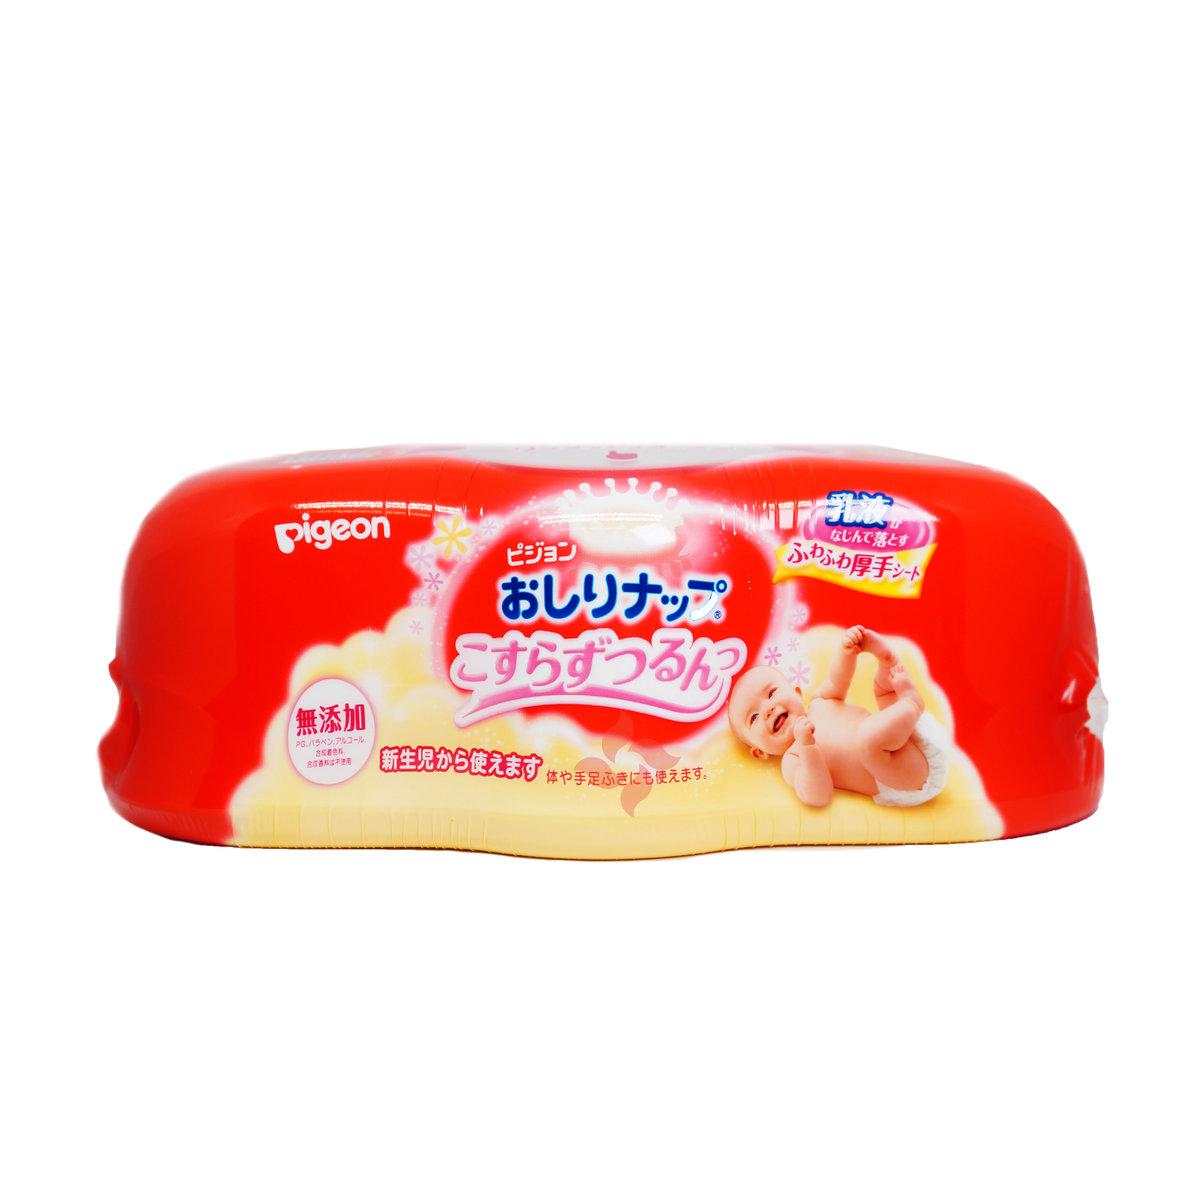 潤膚乳液濕紙巾(含乳液配方) x66枚 (盒裝)(4902508104982)